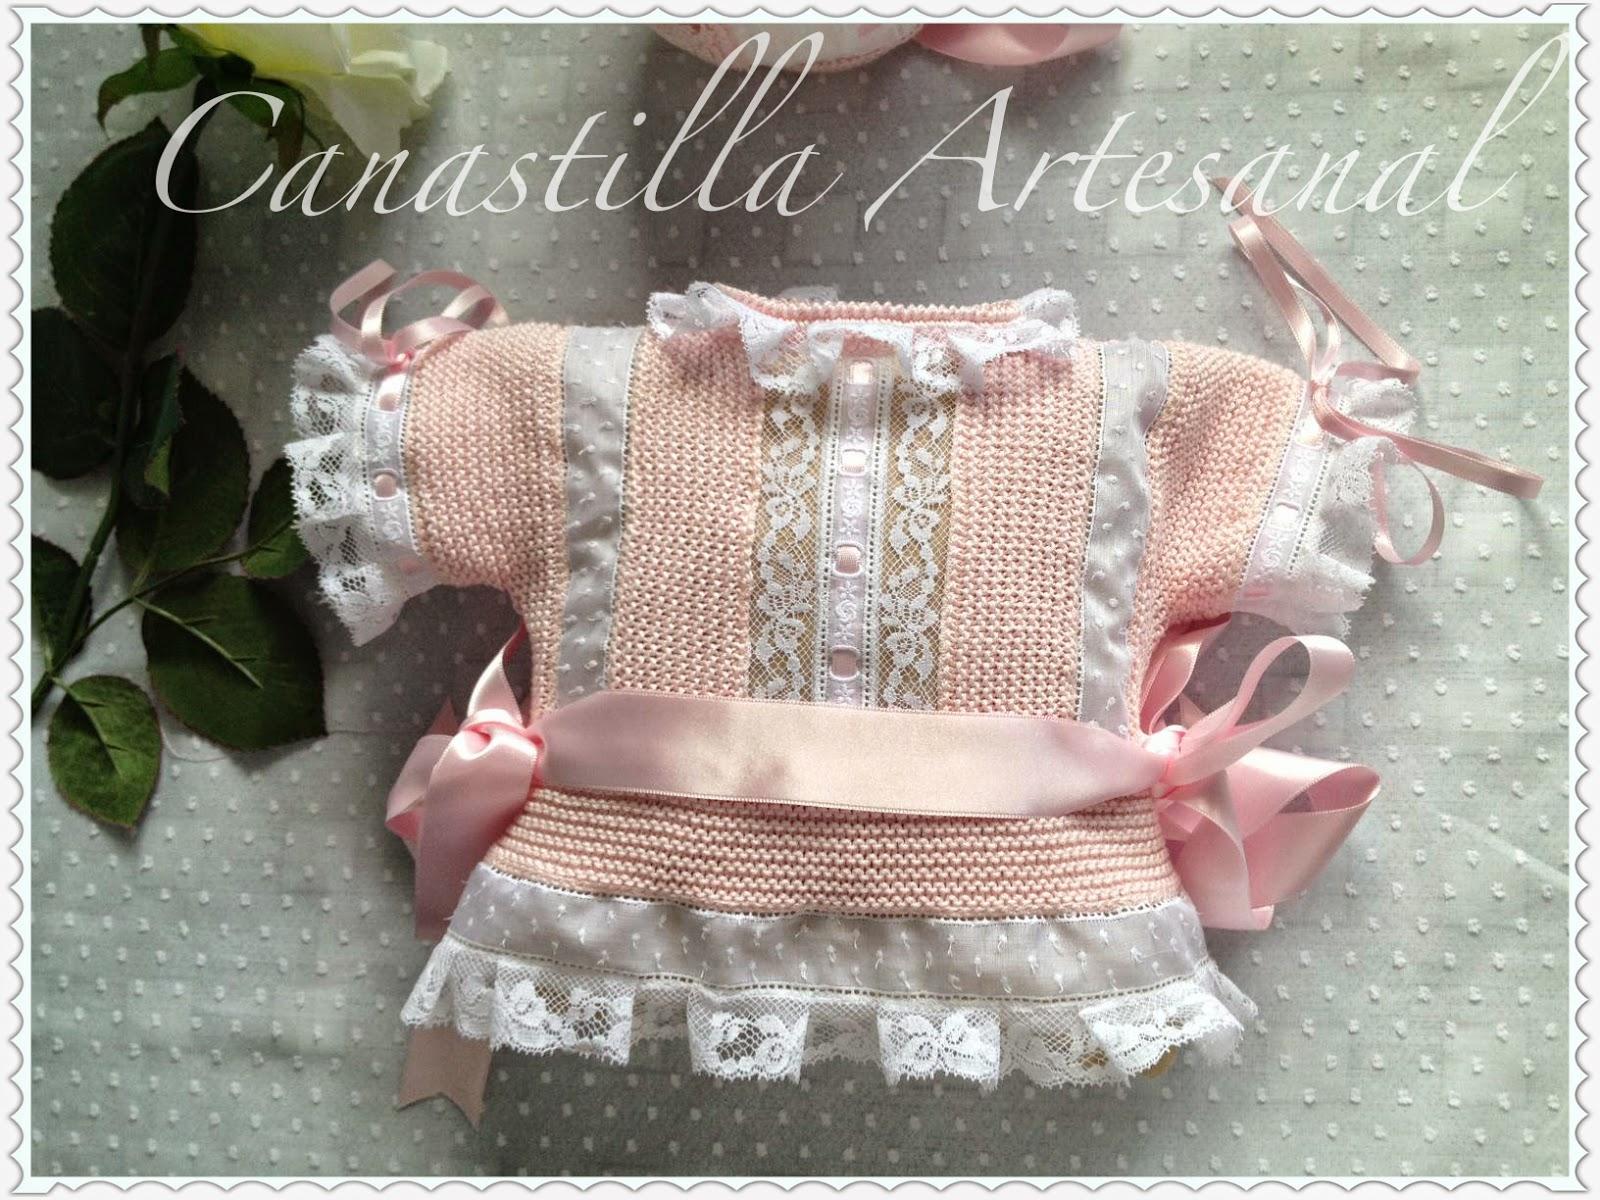 Canastilla artesanal modelo 49 - Canastilla artesanal bebe ...